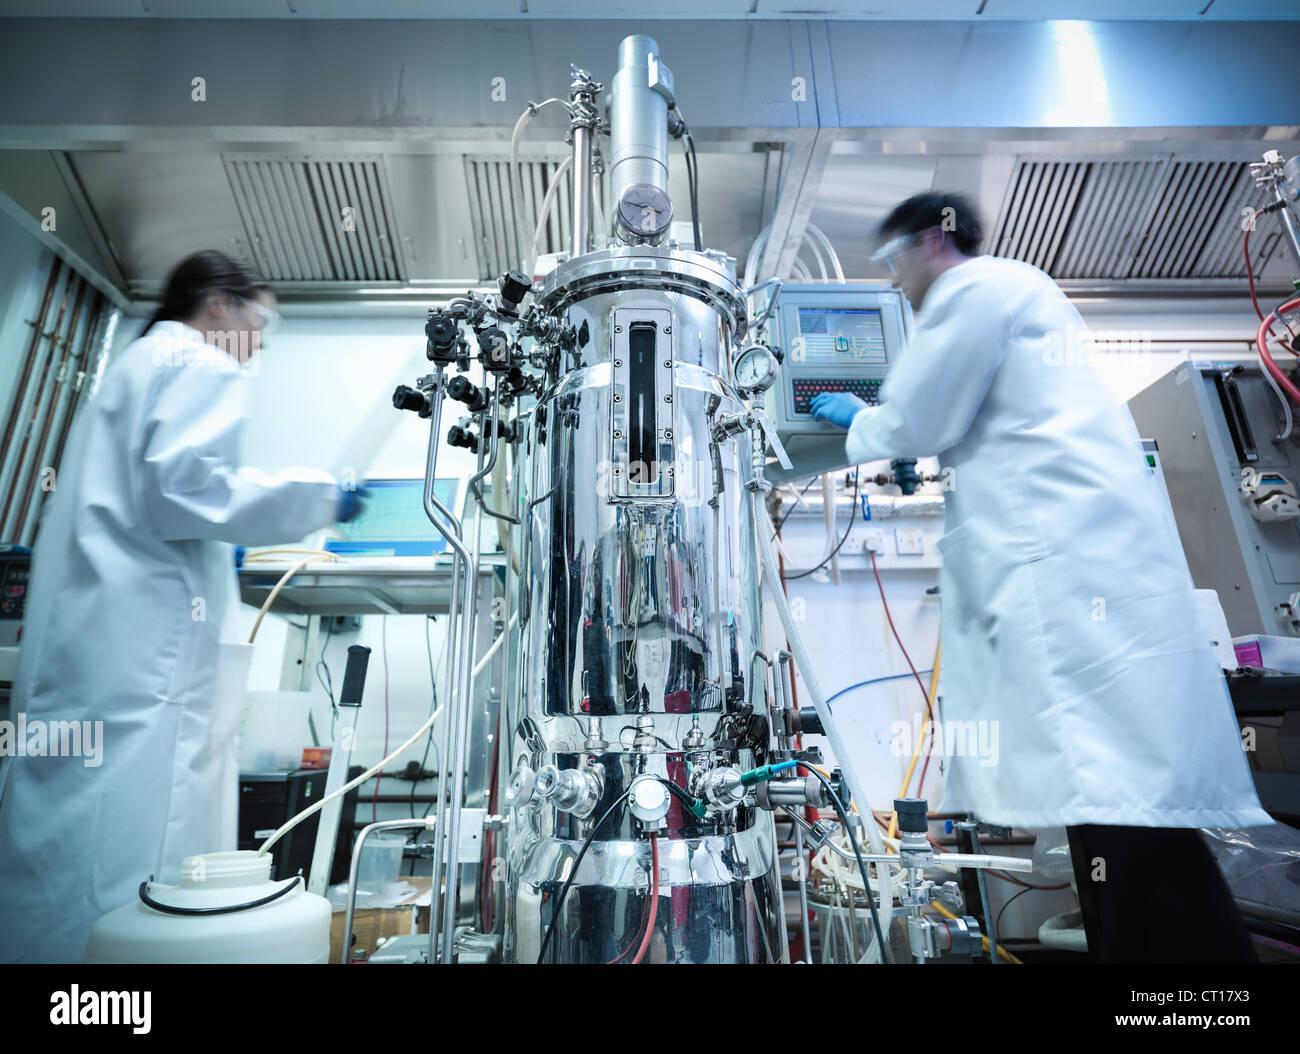 Wissenschaftler arbeiten mit Geräten im Labor Stockbild